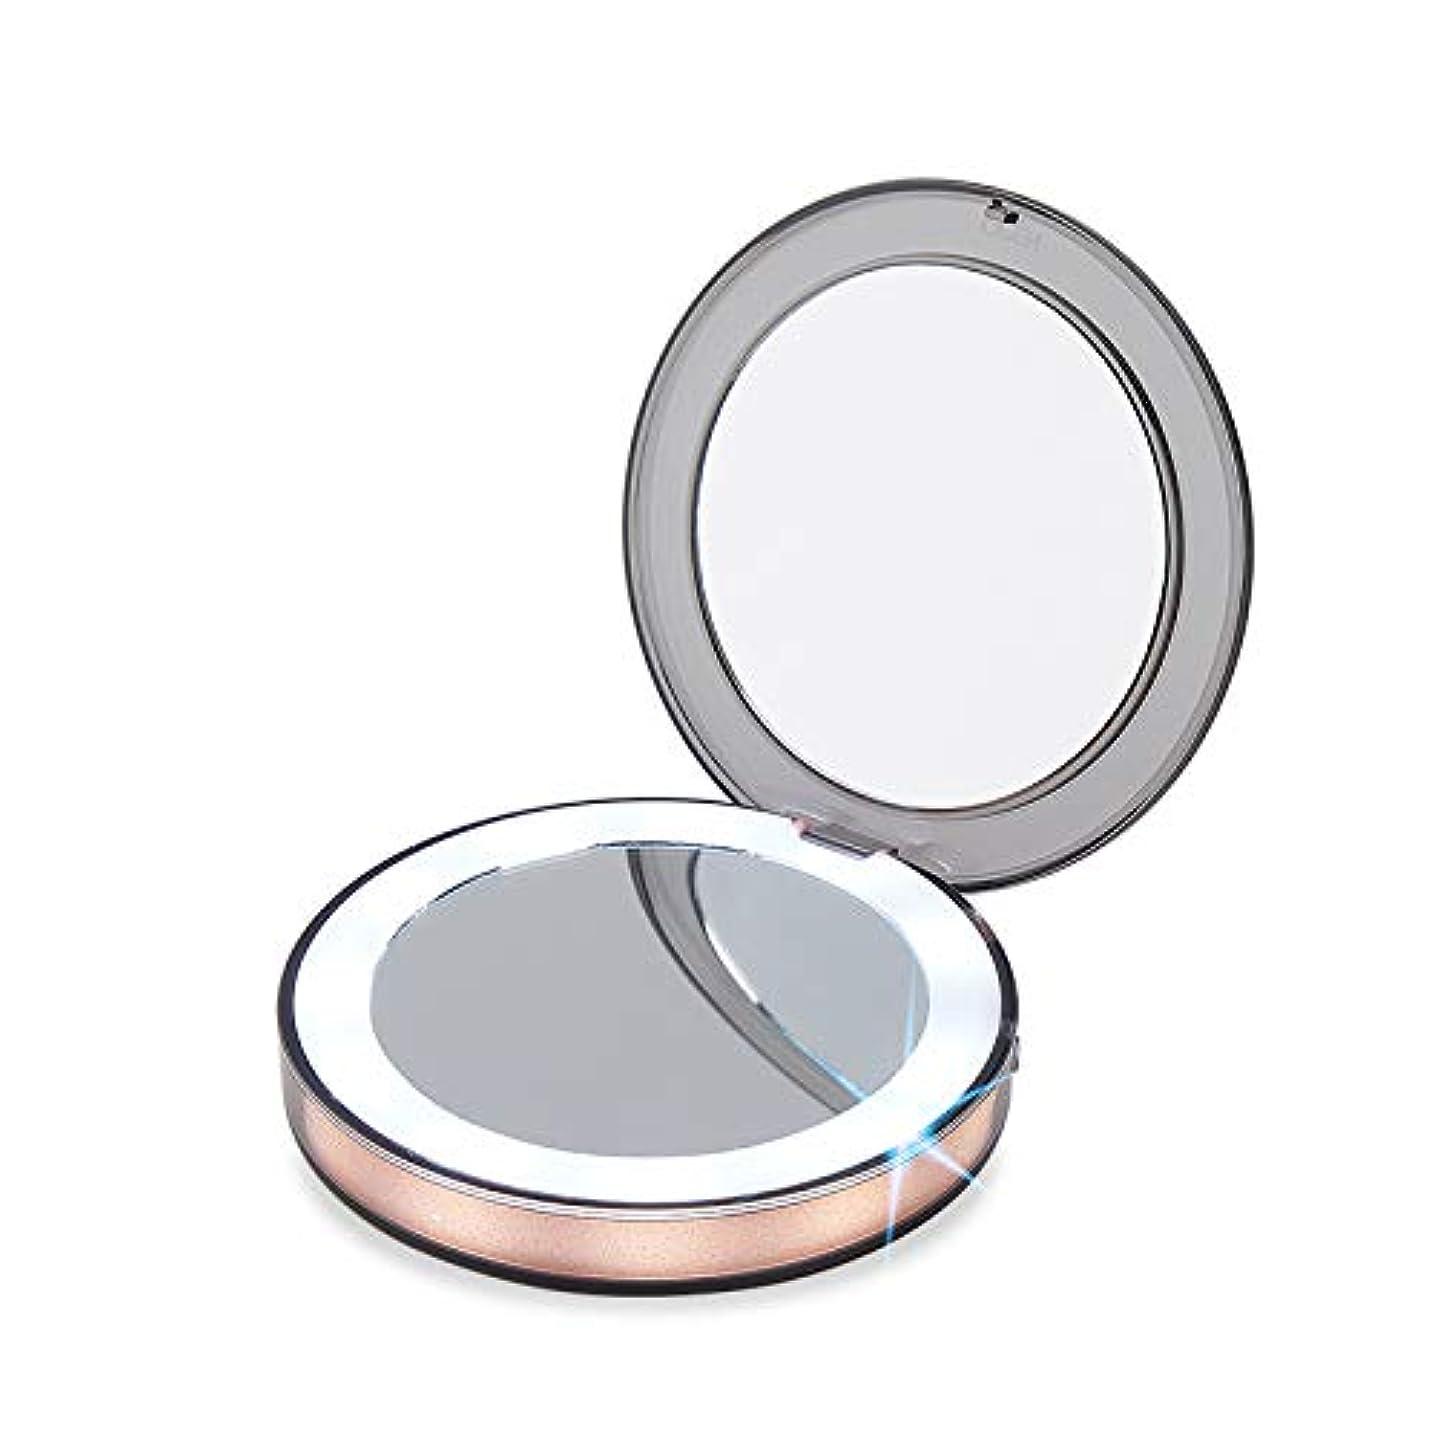 不規則性取り壊す種GINEAN 照明を有する旅行装飾鏡のタッチスイッチ装飾鏡の 1 倍/3 倍ルーペの手持ち式折り畳み式コンパクトミラー LED ライト化粧品用キャンプ個人の用途と旅行